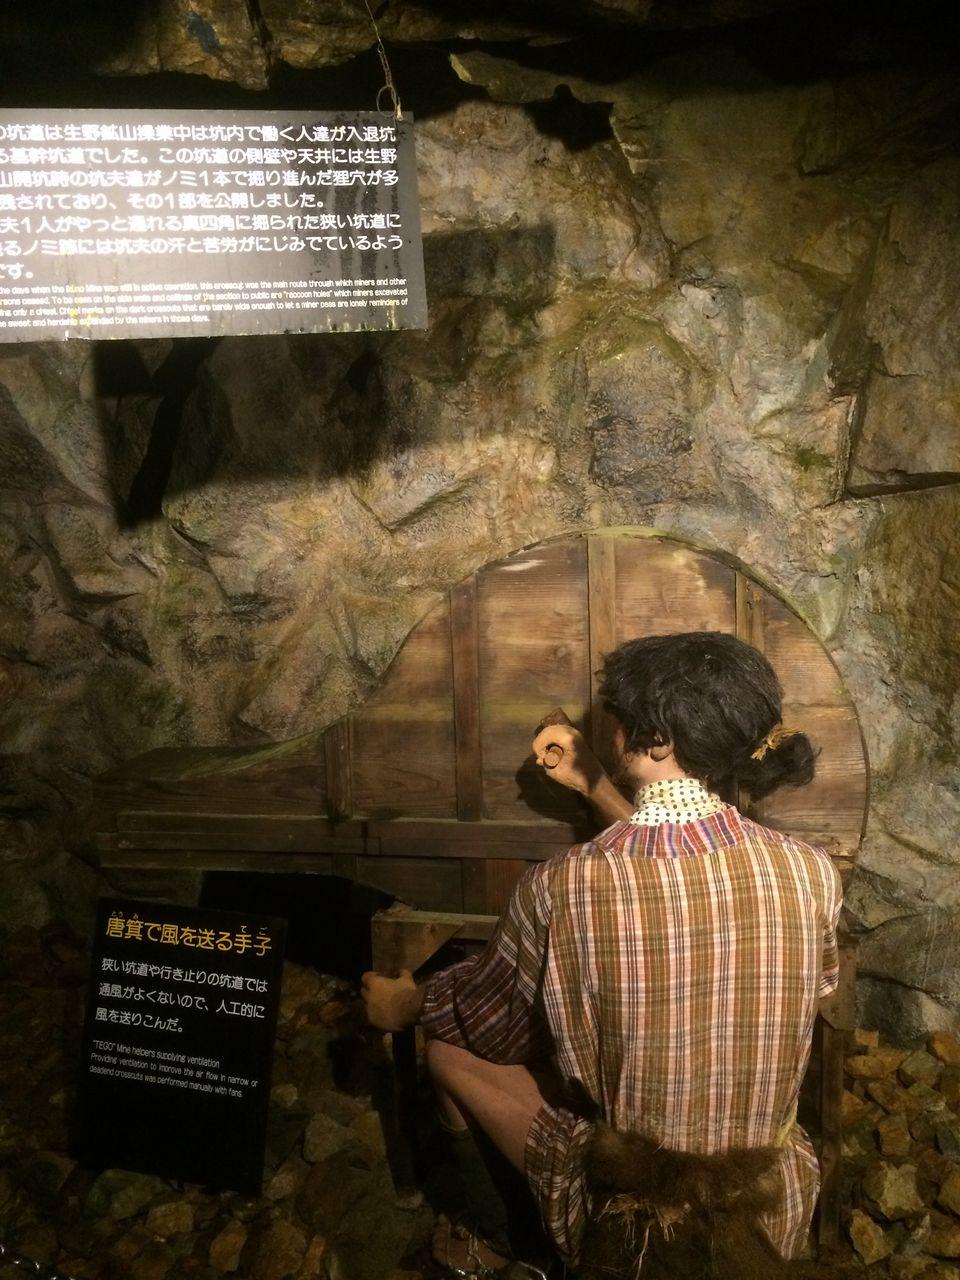 鉱山見学 (4)